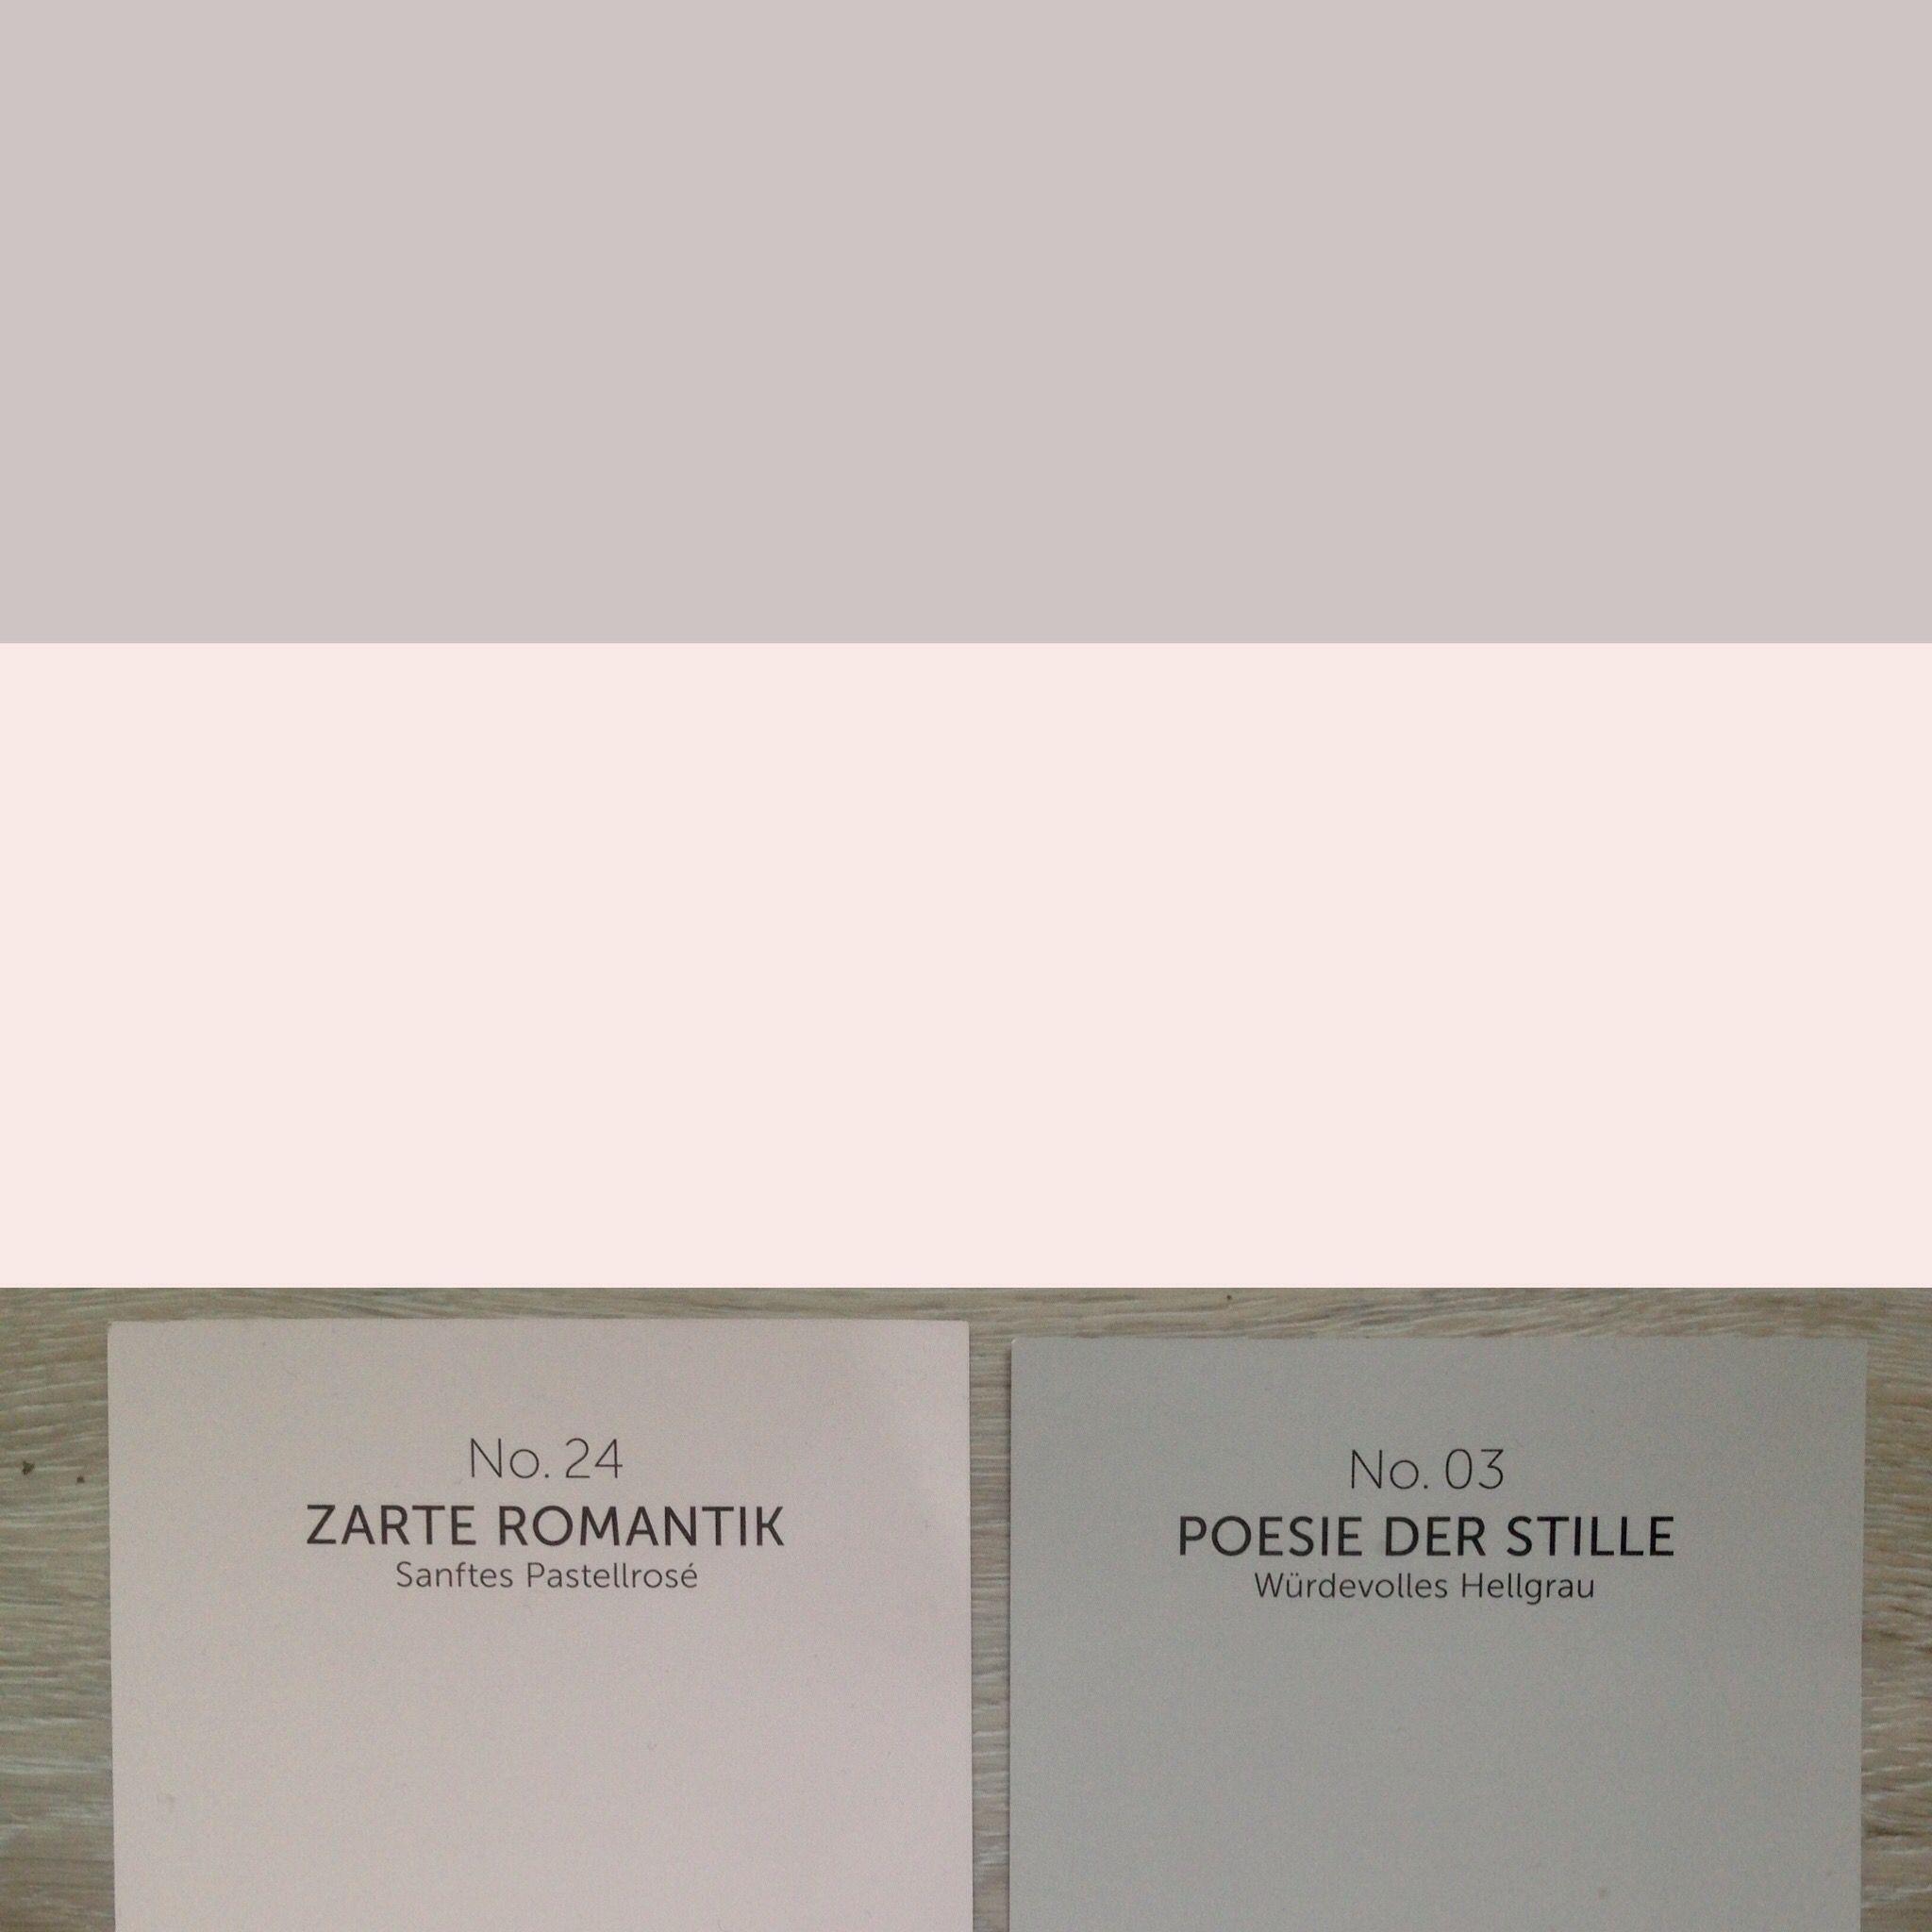 Alpina Feine Farben Poesie Der Stille Und Zarte Romantik Unsere